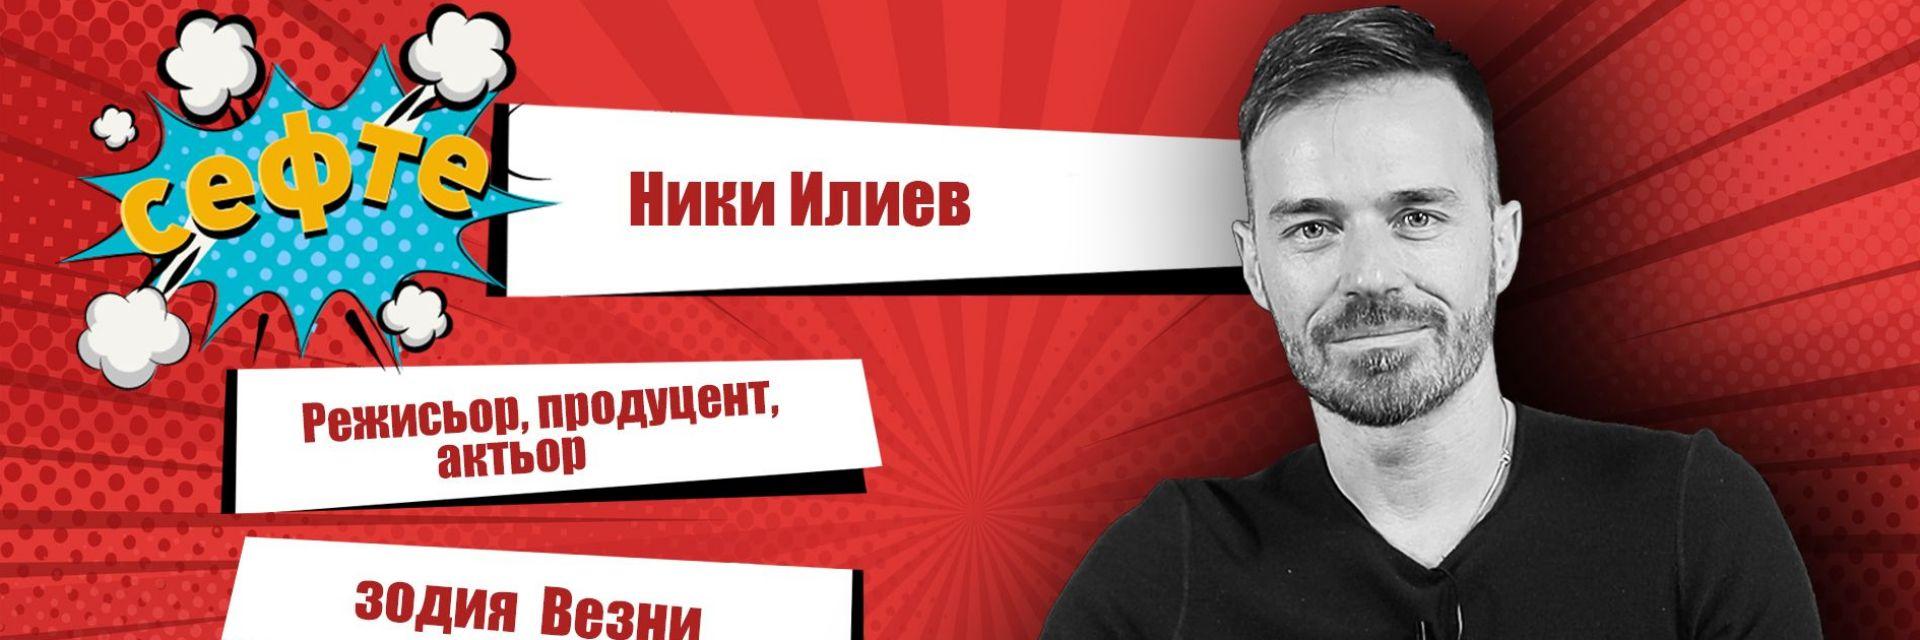 """Ники Илиев в #Сефте: Когато умра, заглавието сигурно ще бъде """"Живата легенда"""" почина"""""""